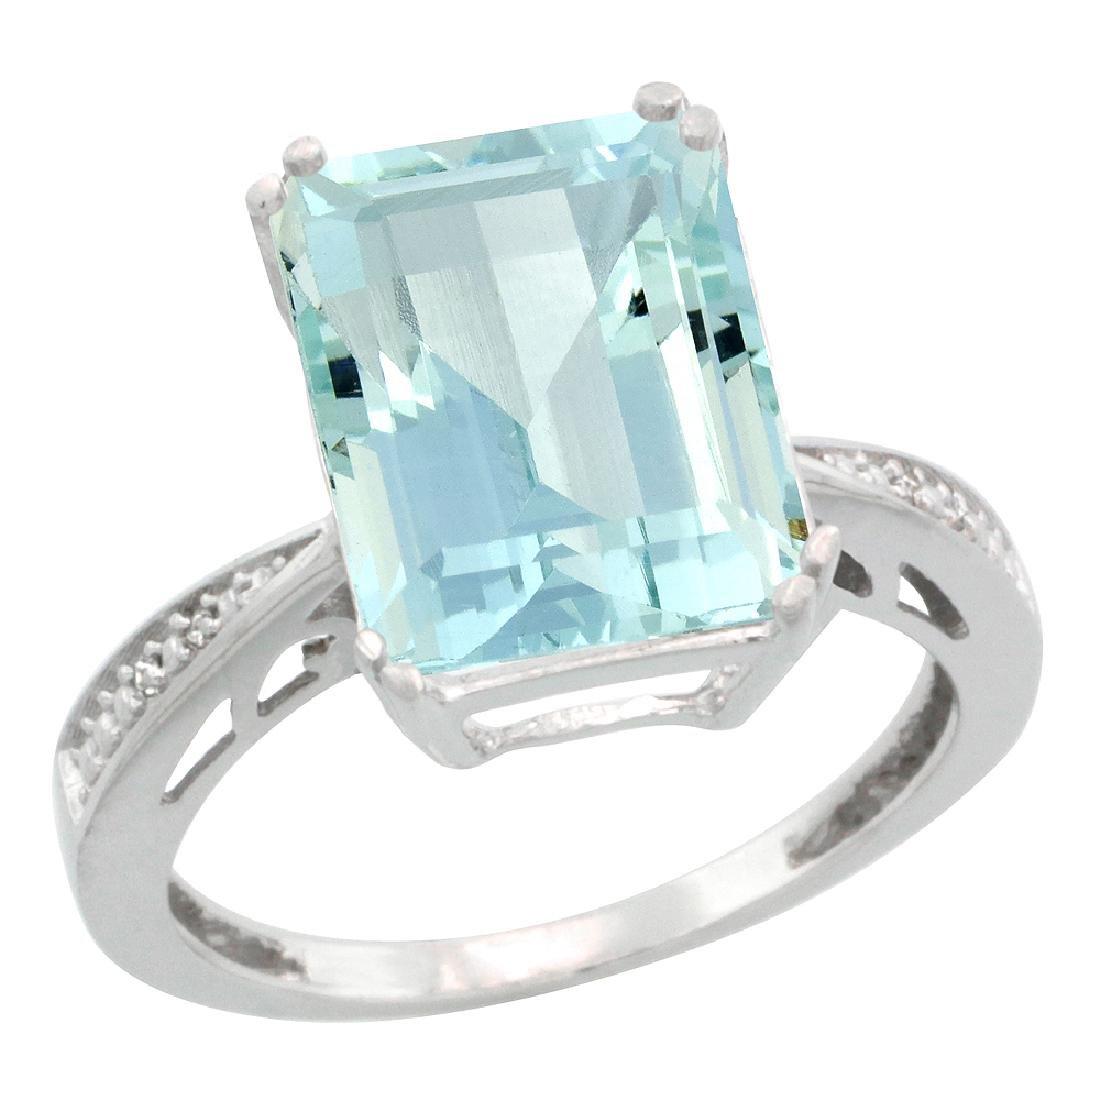 Natural 5.42 ctw Aquamarine & Diamond Engagement Ring